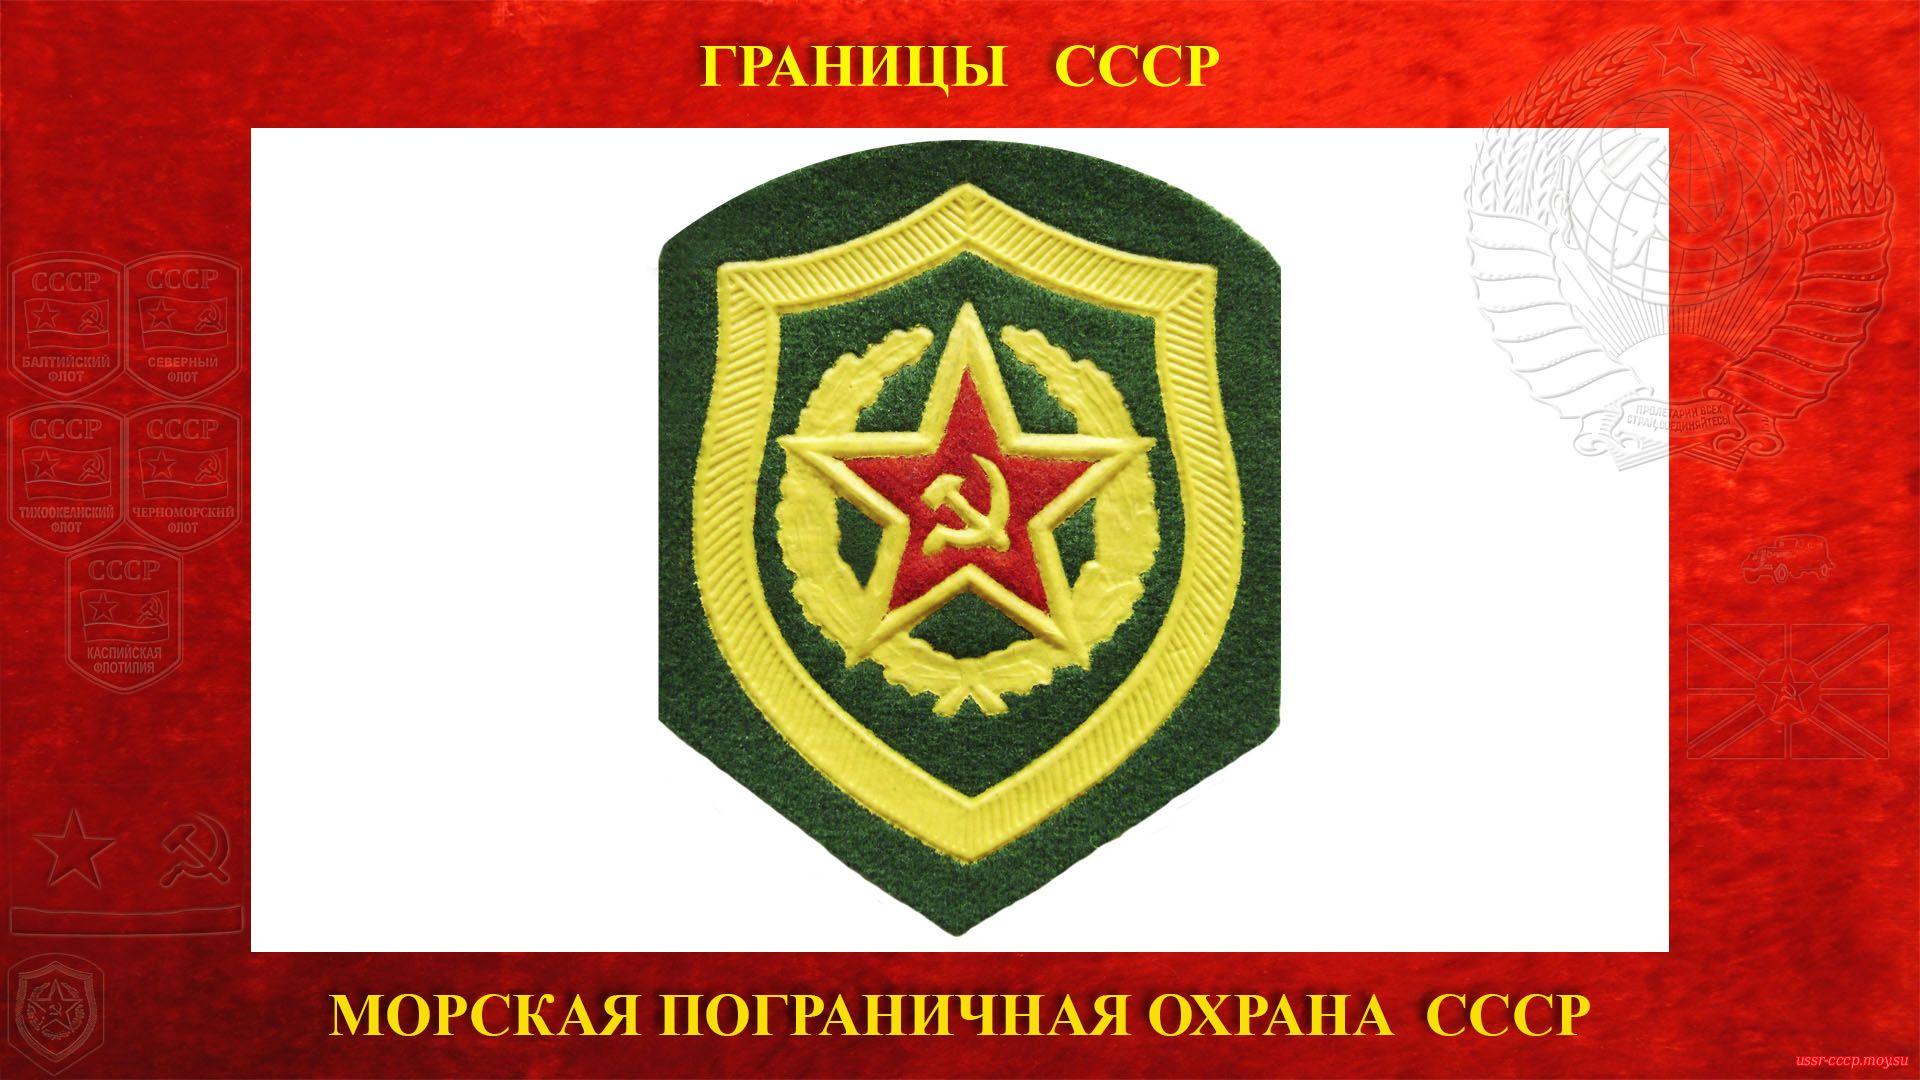 Морская пограничная охрана — ВЧК-ГПУ-ОГПУ-НКВД-МВД-ГУ ПВ КГБ СССР